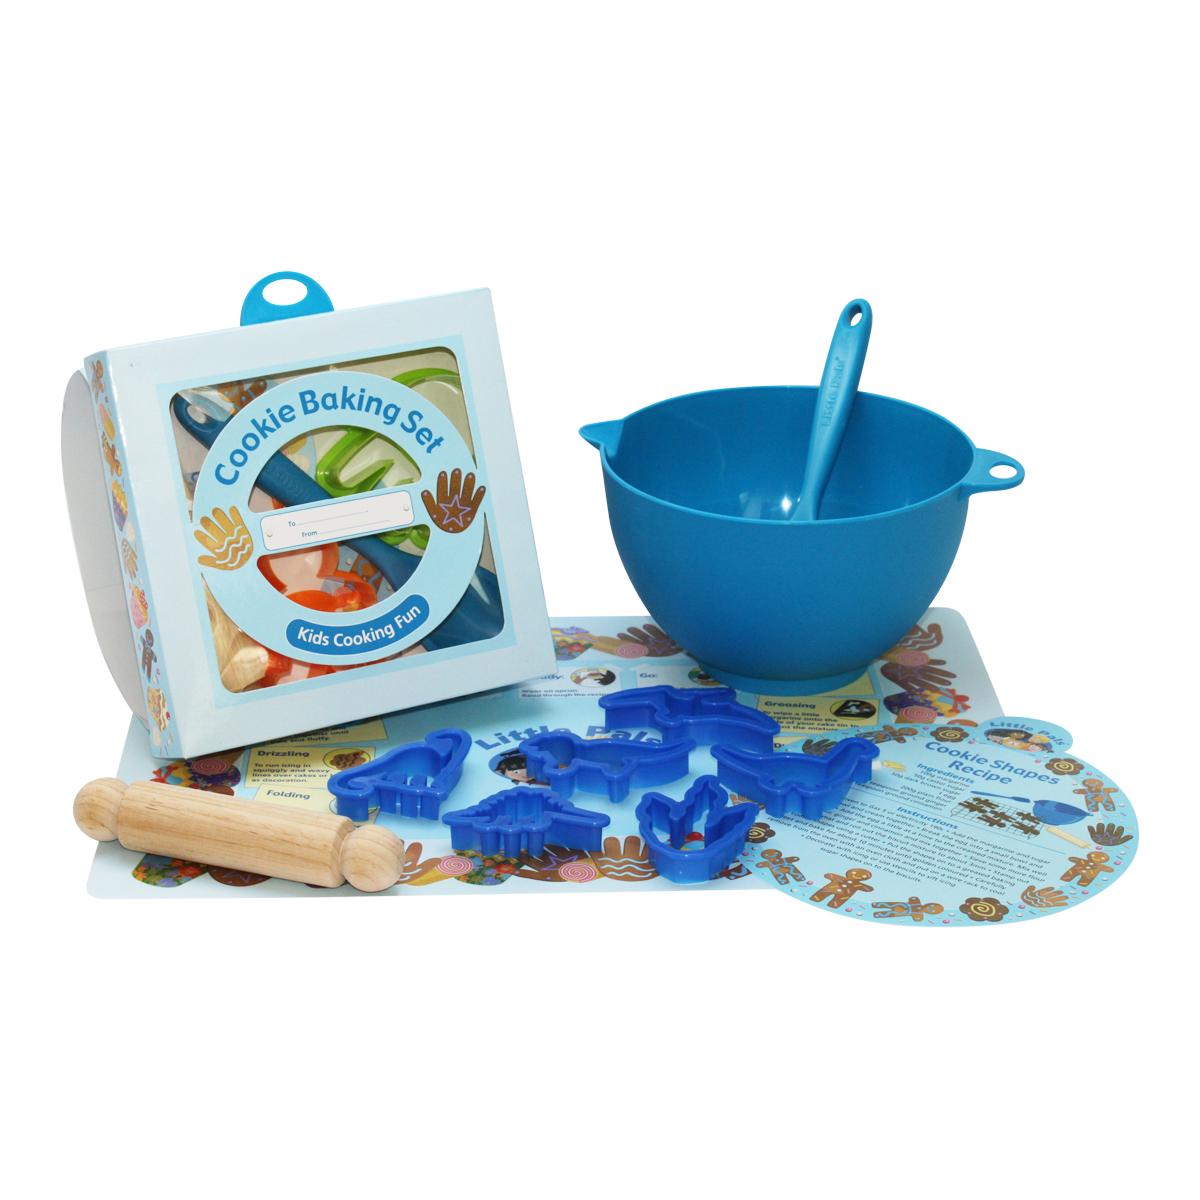 childrens cookie baking set